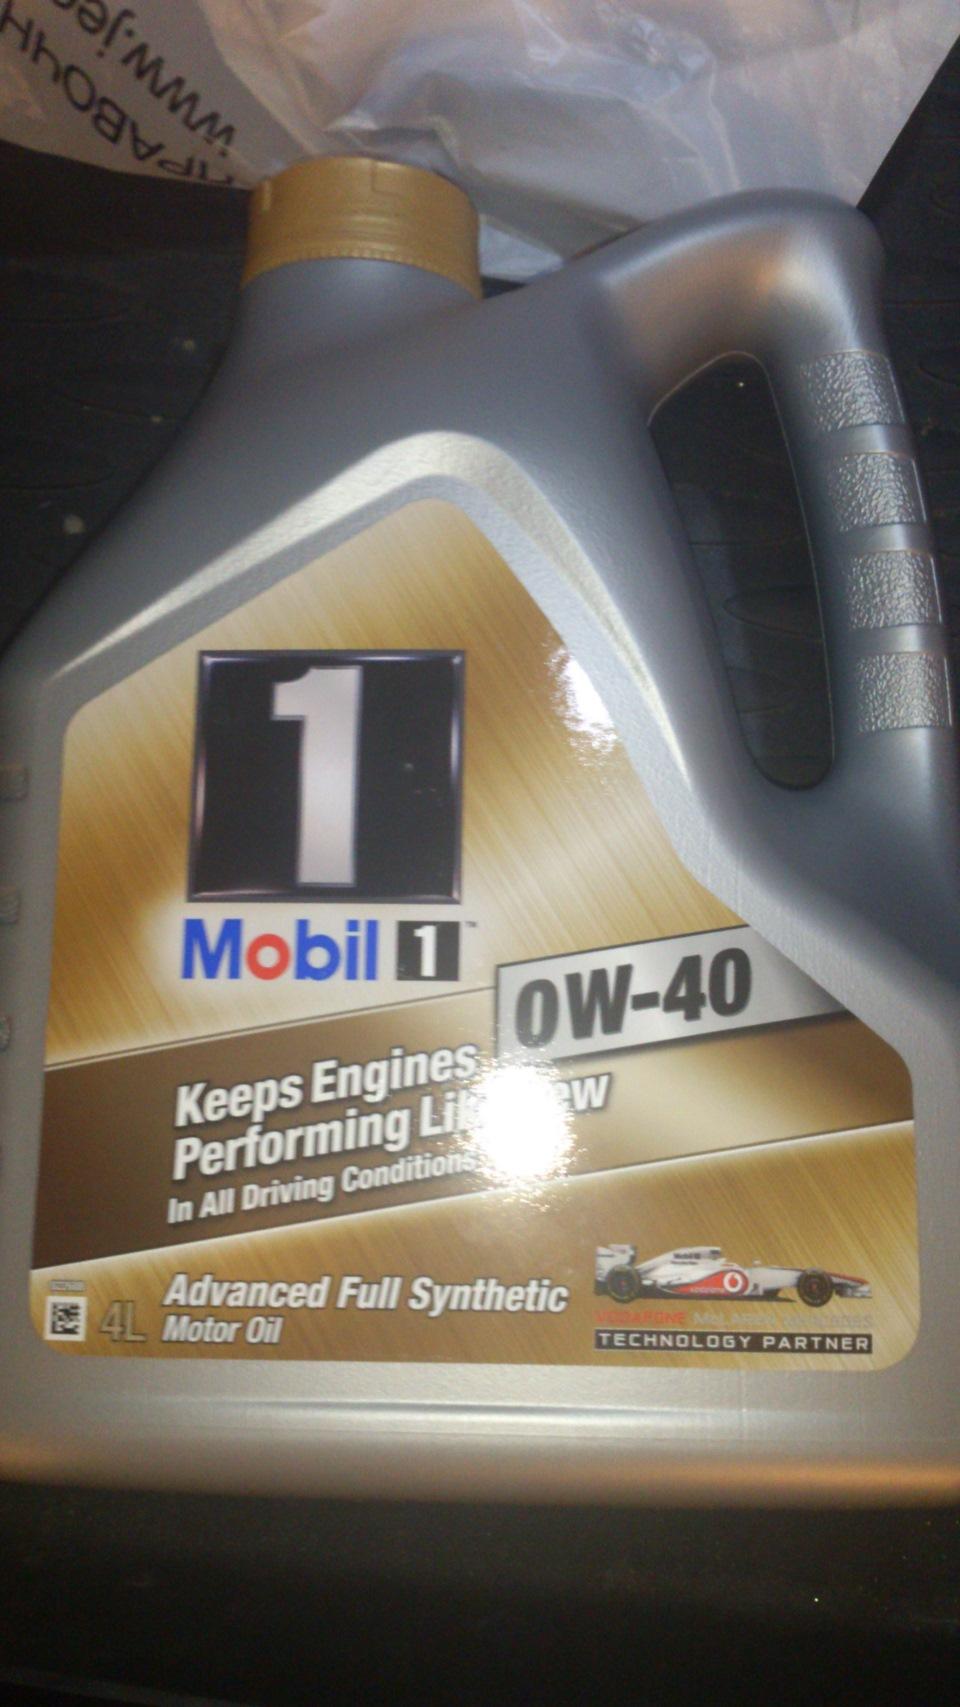 БольшООе ТО — бортжурнал BMW 5 series Немочка xDrive 2007 ...: https://www.drive2.ru/l/3441029/